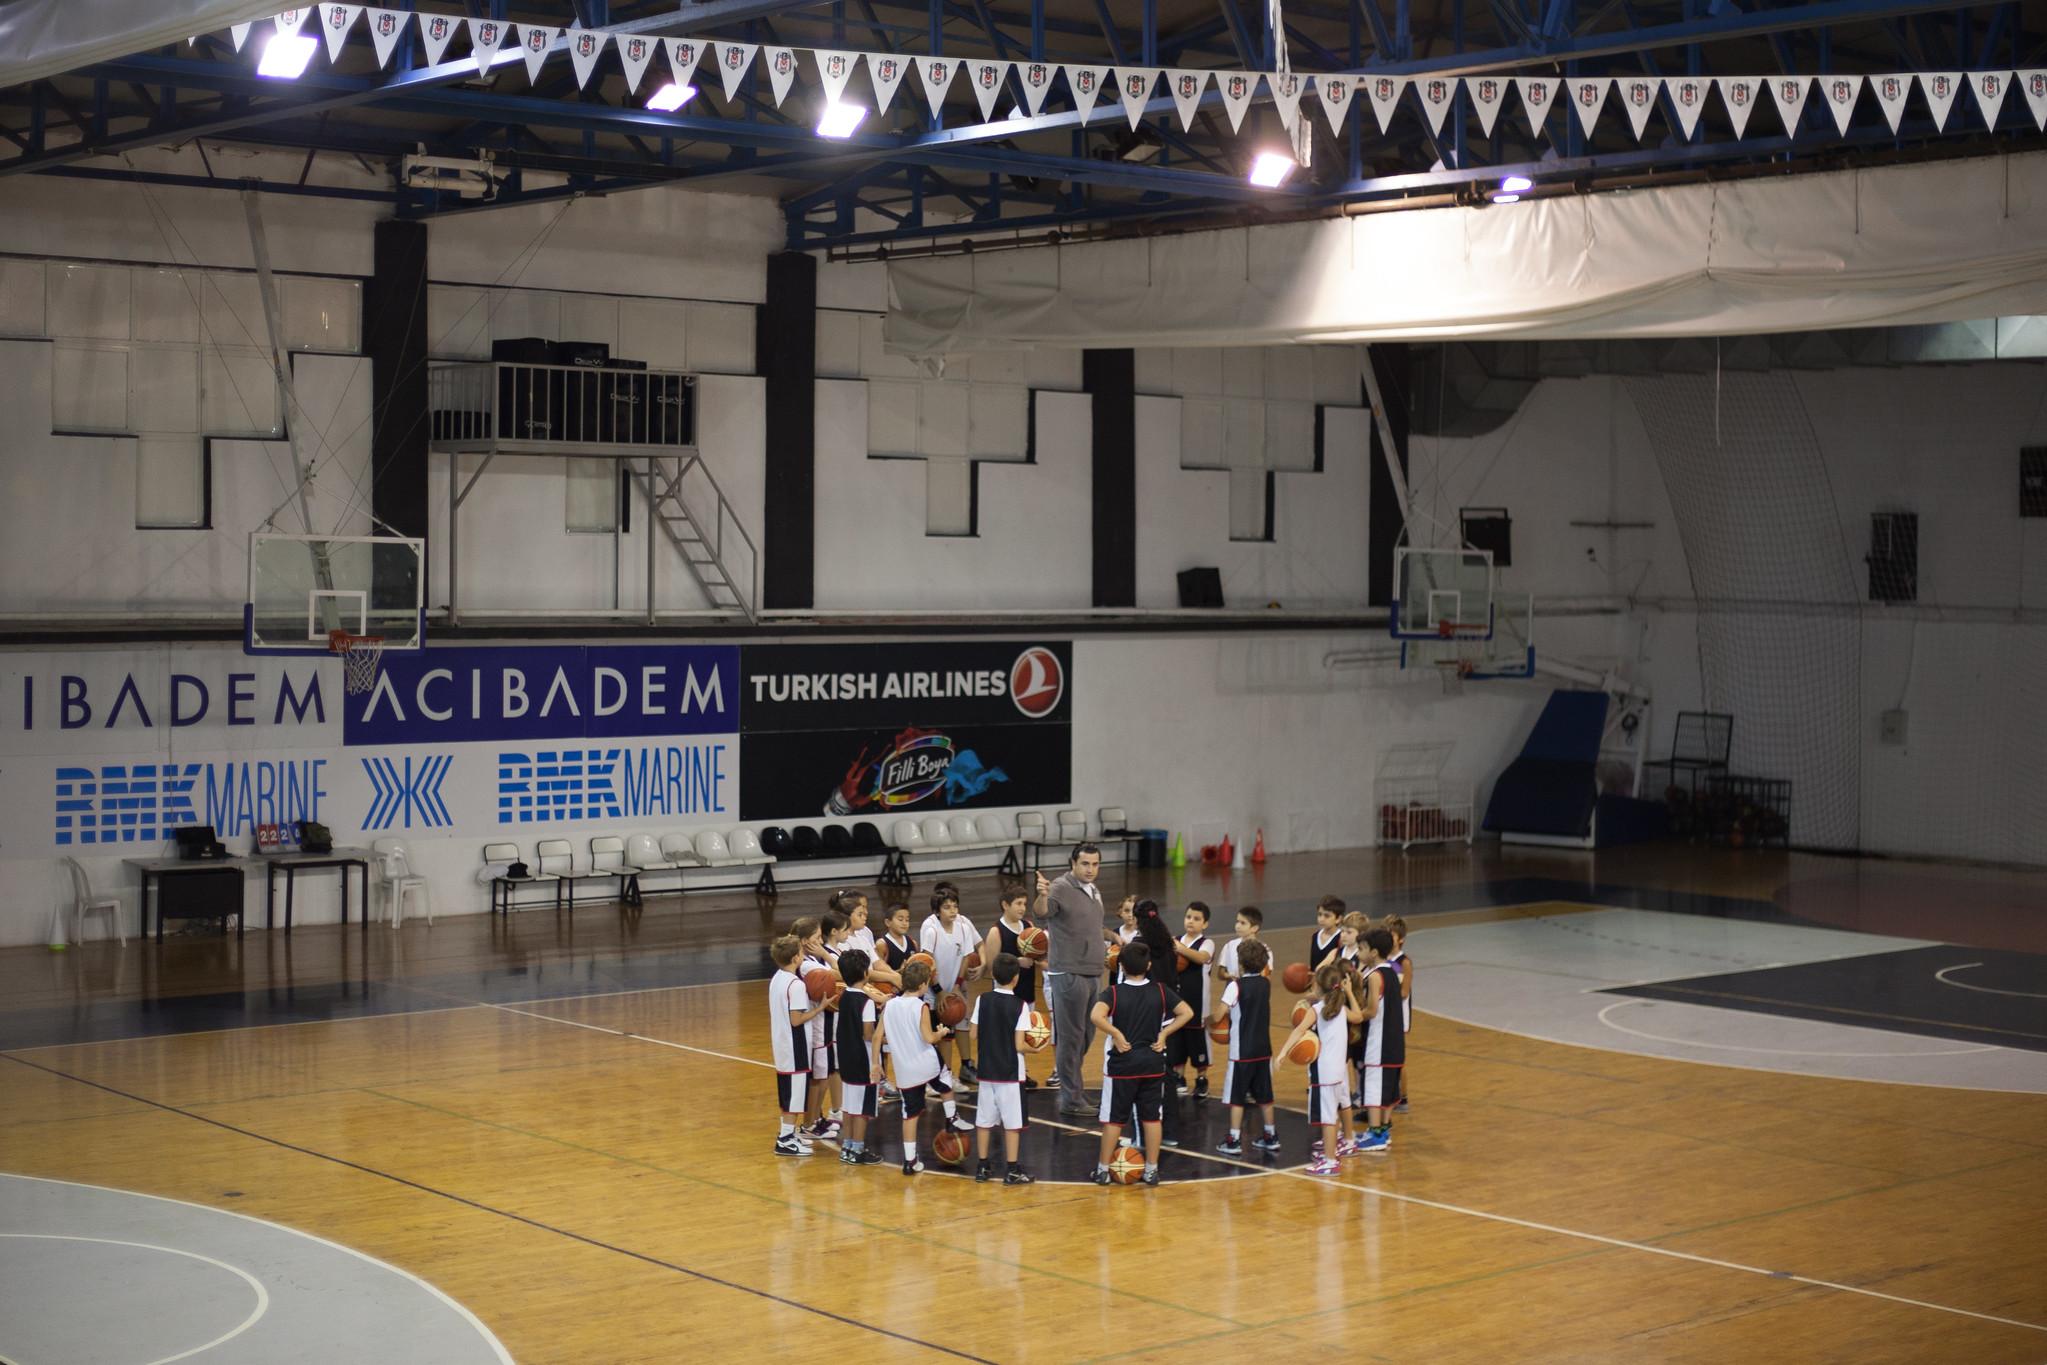 Beşiktaş basketball club.